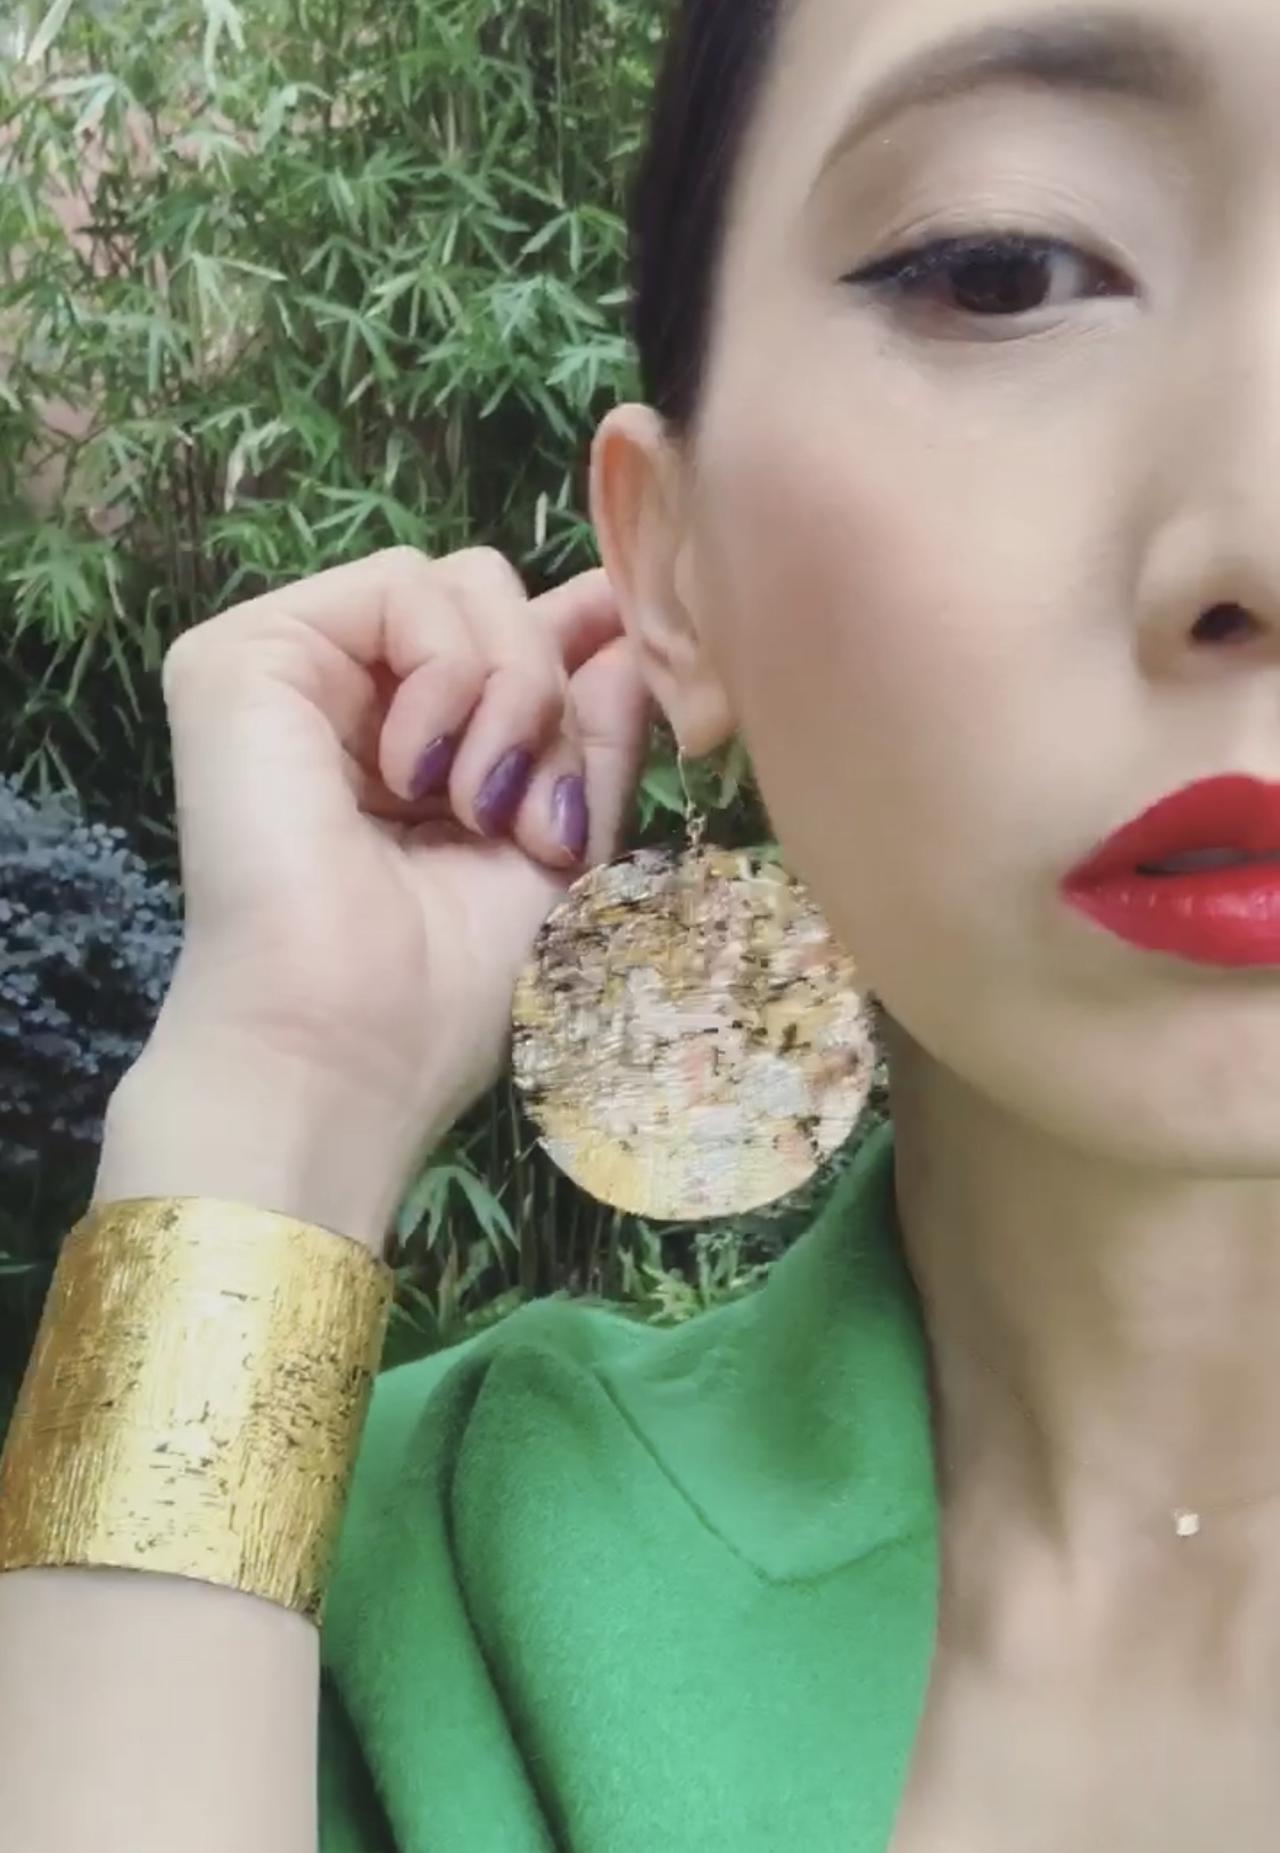 画像: 上海コレクション時に着用していった、riuruのバングルとピアス www.instagram.com